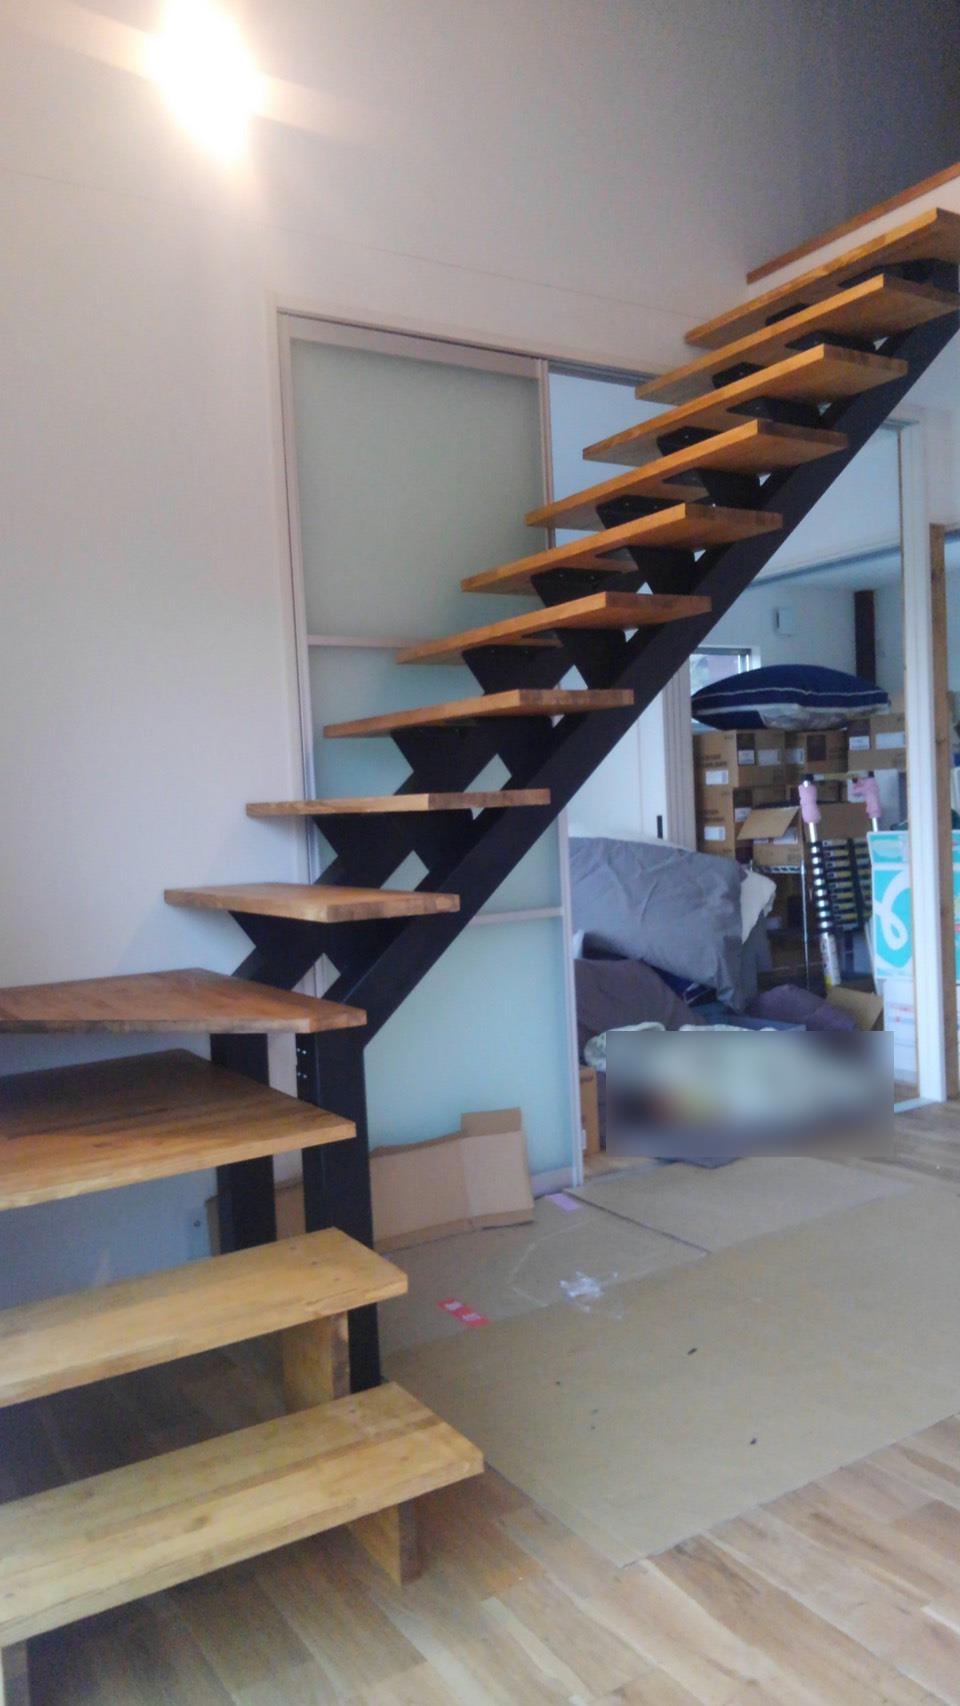 鉄骨デザイン階段 製作&取り付け工事